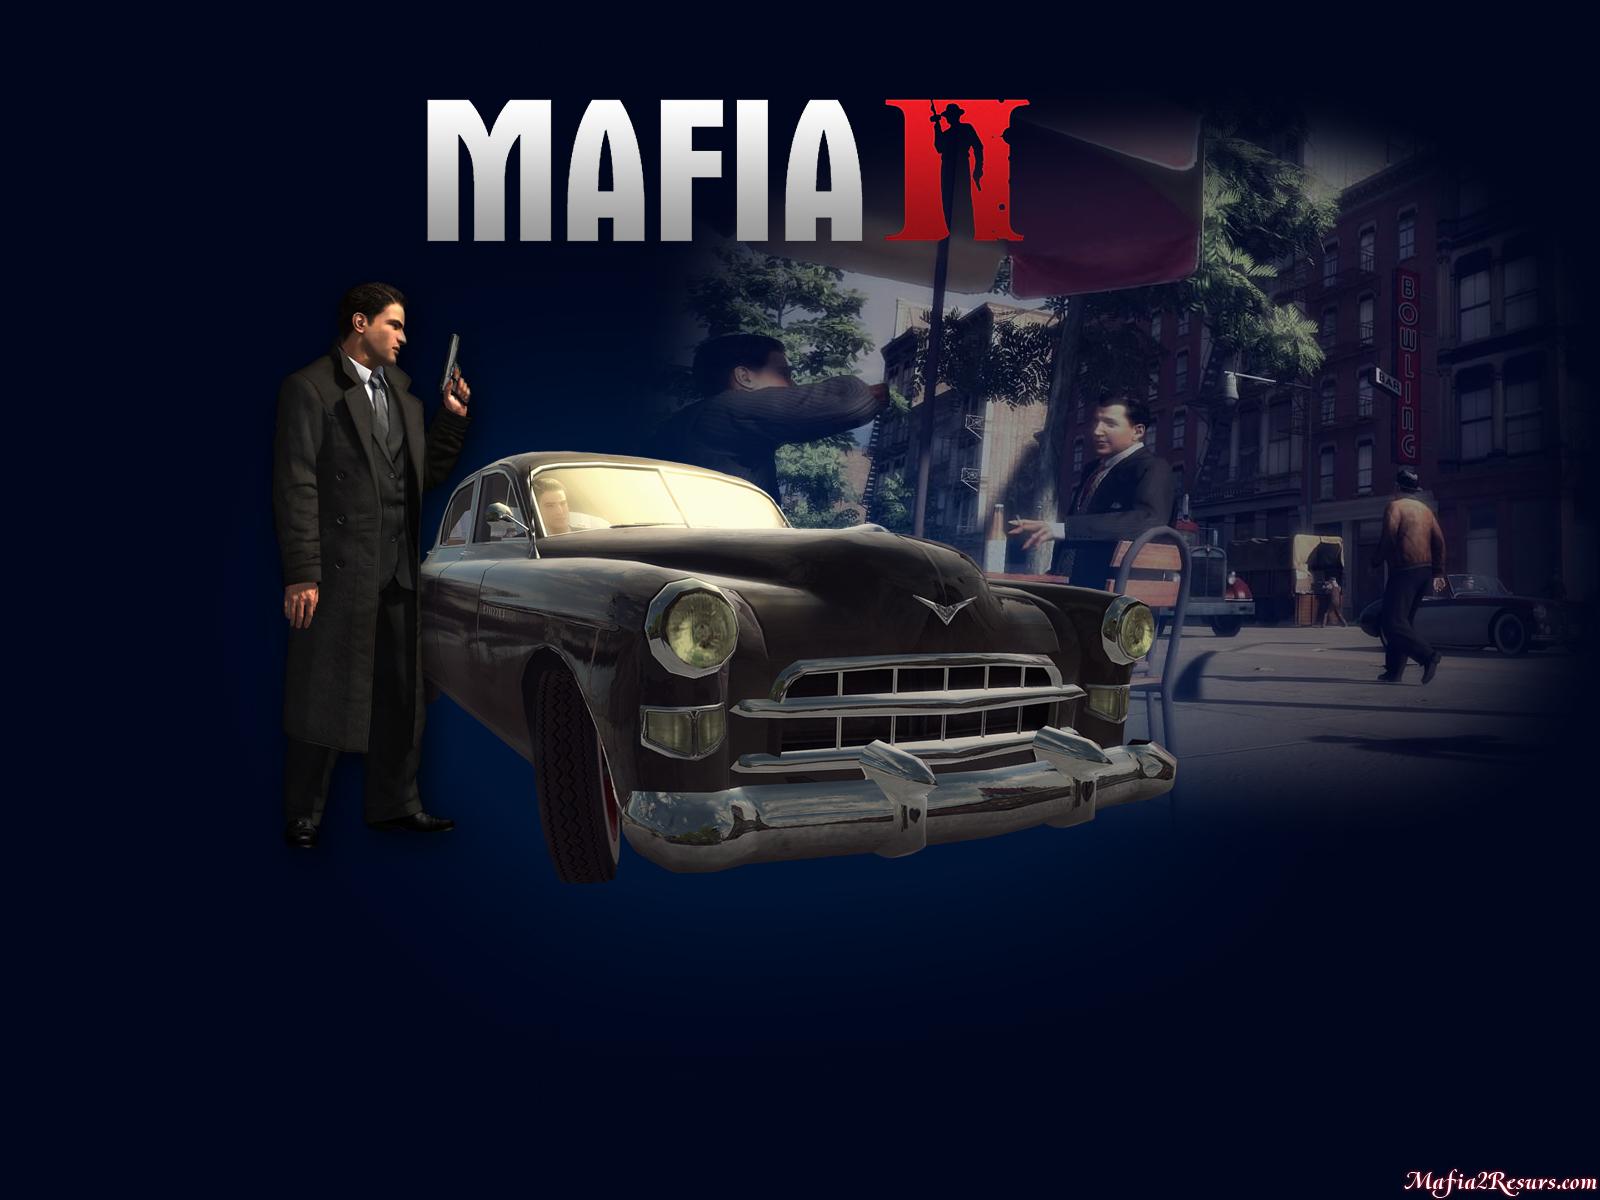 Обои Mafia 2 №2 - Mafia 2